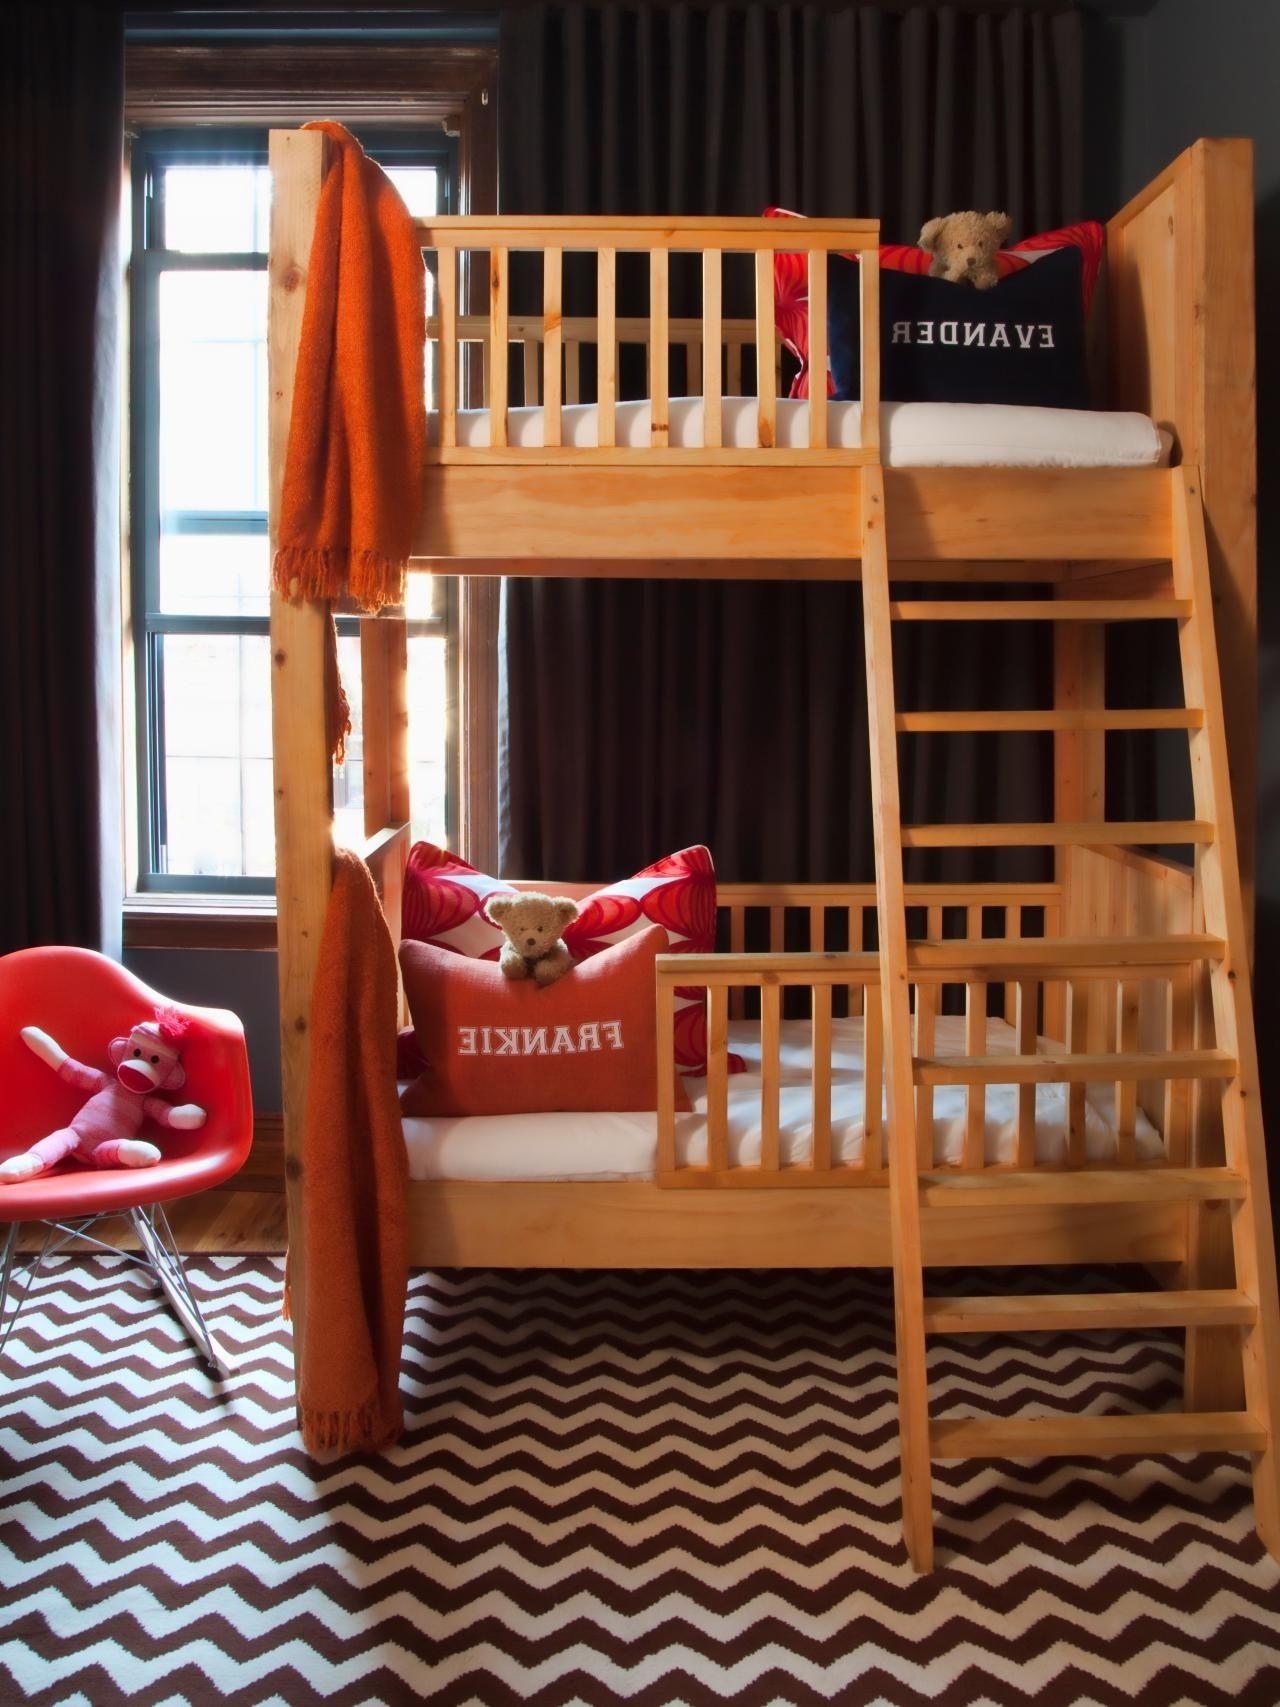 Einfache Kinder Bett Zimmer Kleinkind mädchen zimmer